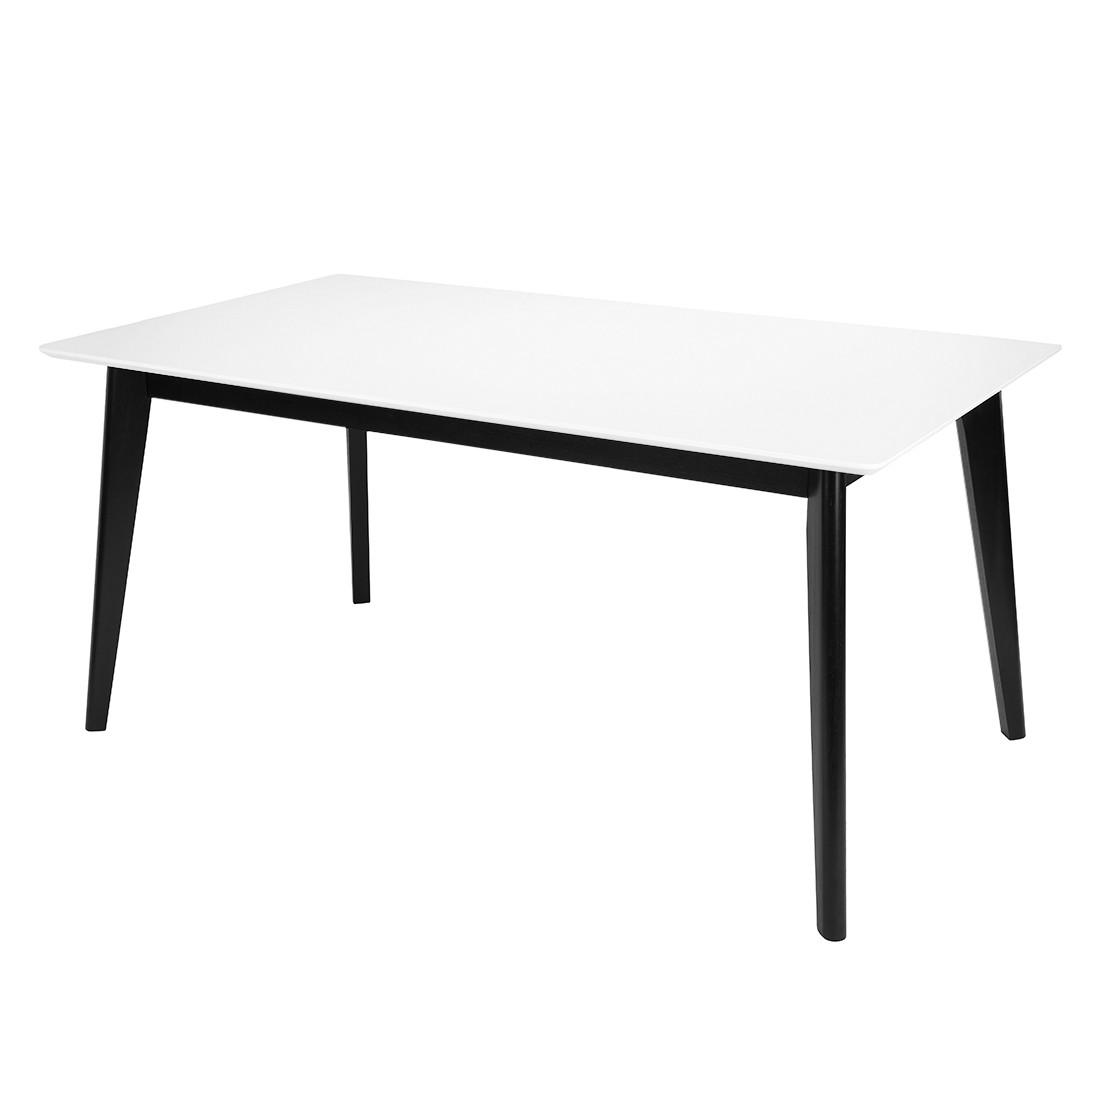 esstisch schwarz weiss preis vergleich 2016. Black Bedroom Furniture Sets. Home Design Ideas